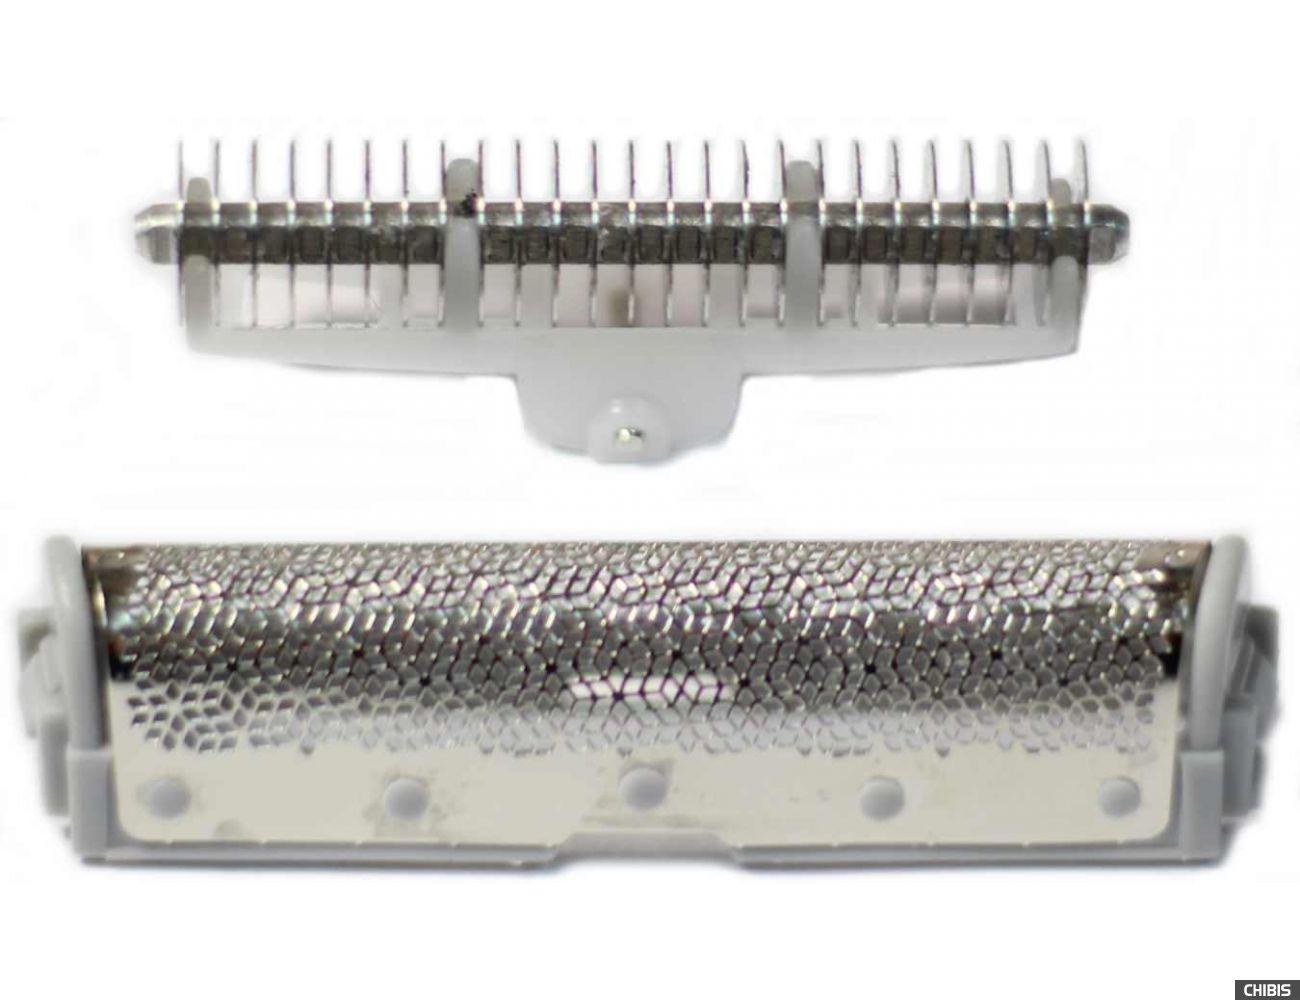 Сетка + нож  Spxtc X1 для бритв Ремингтон Х110 и Х120